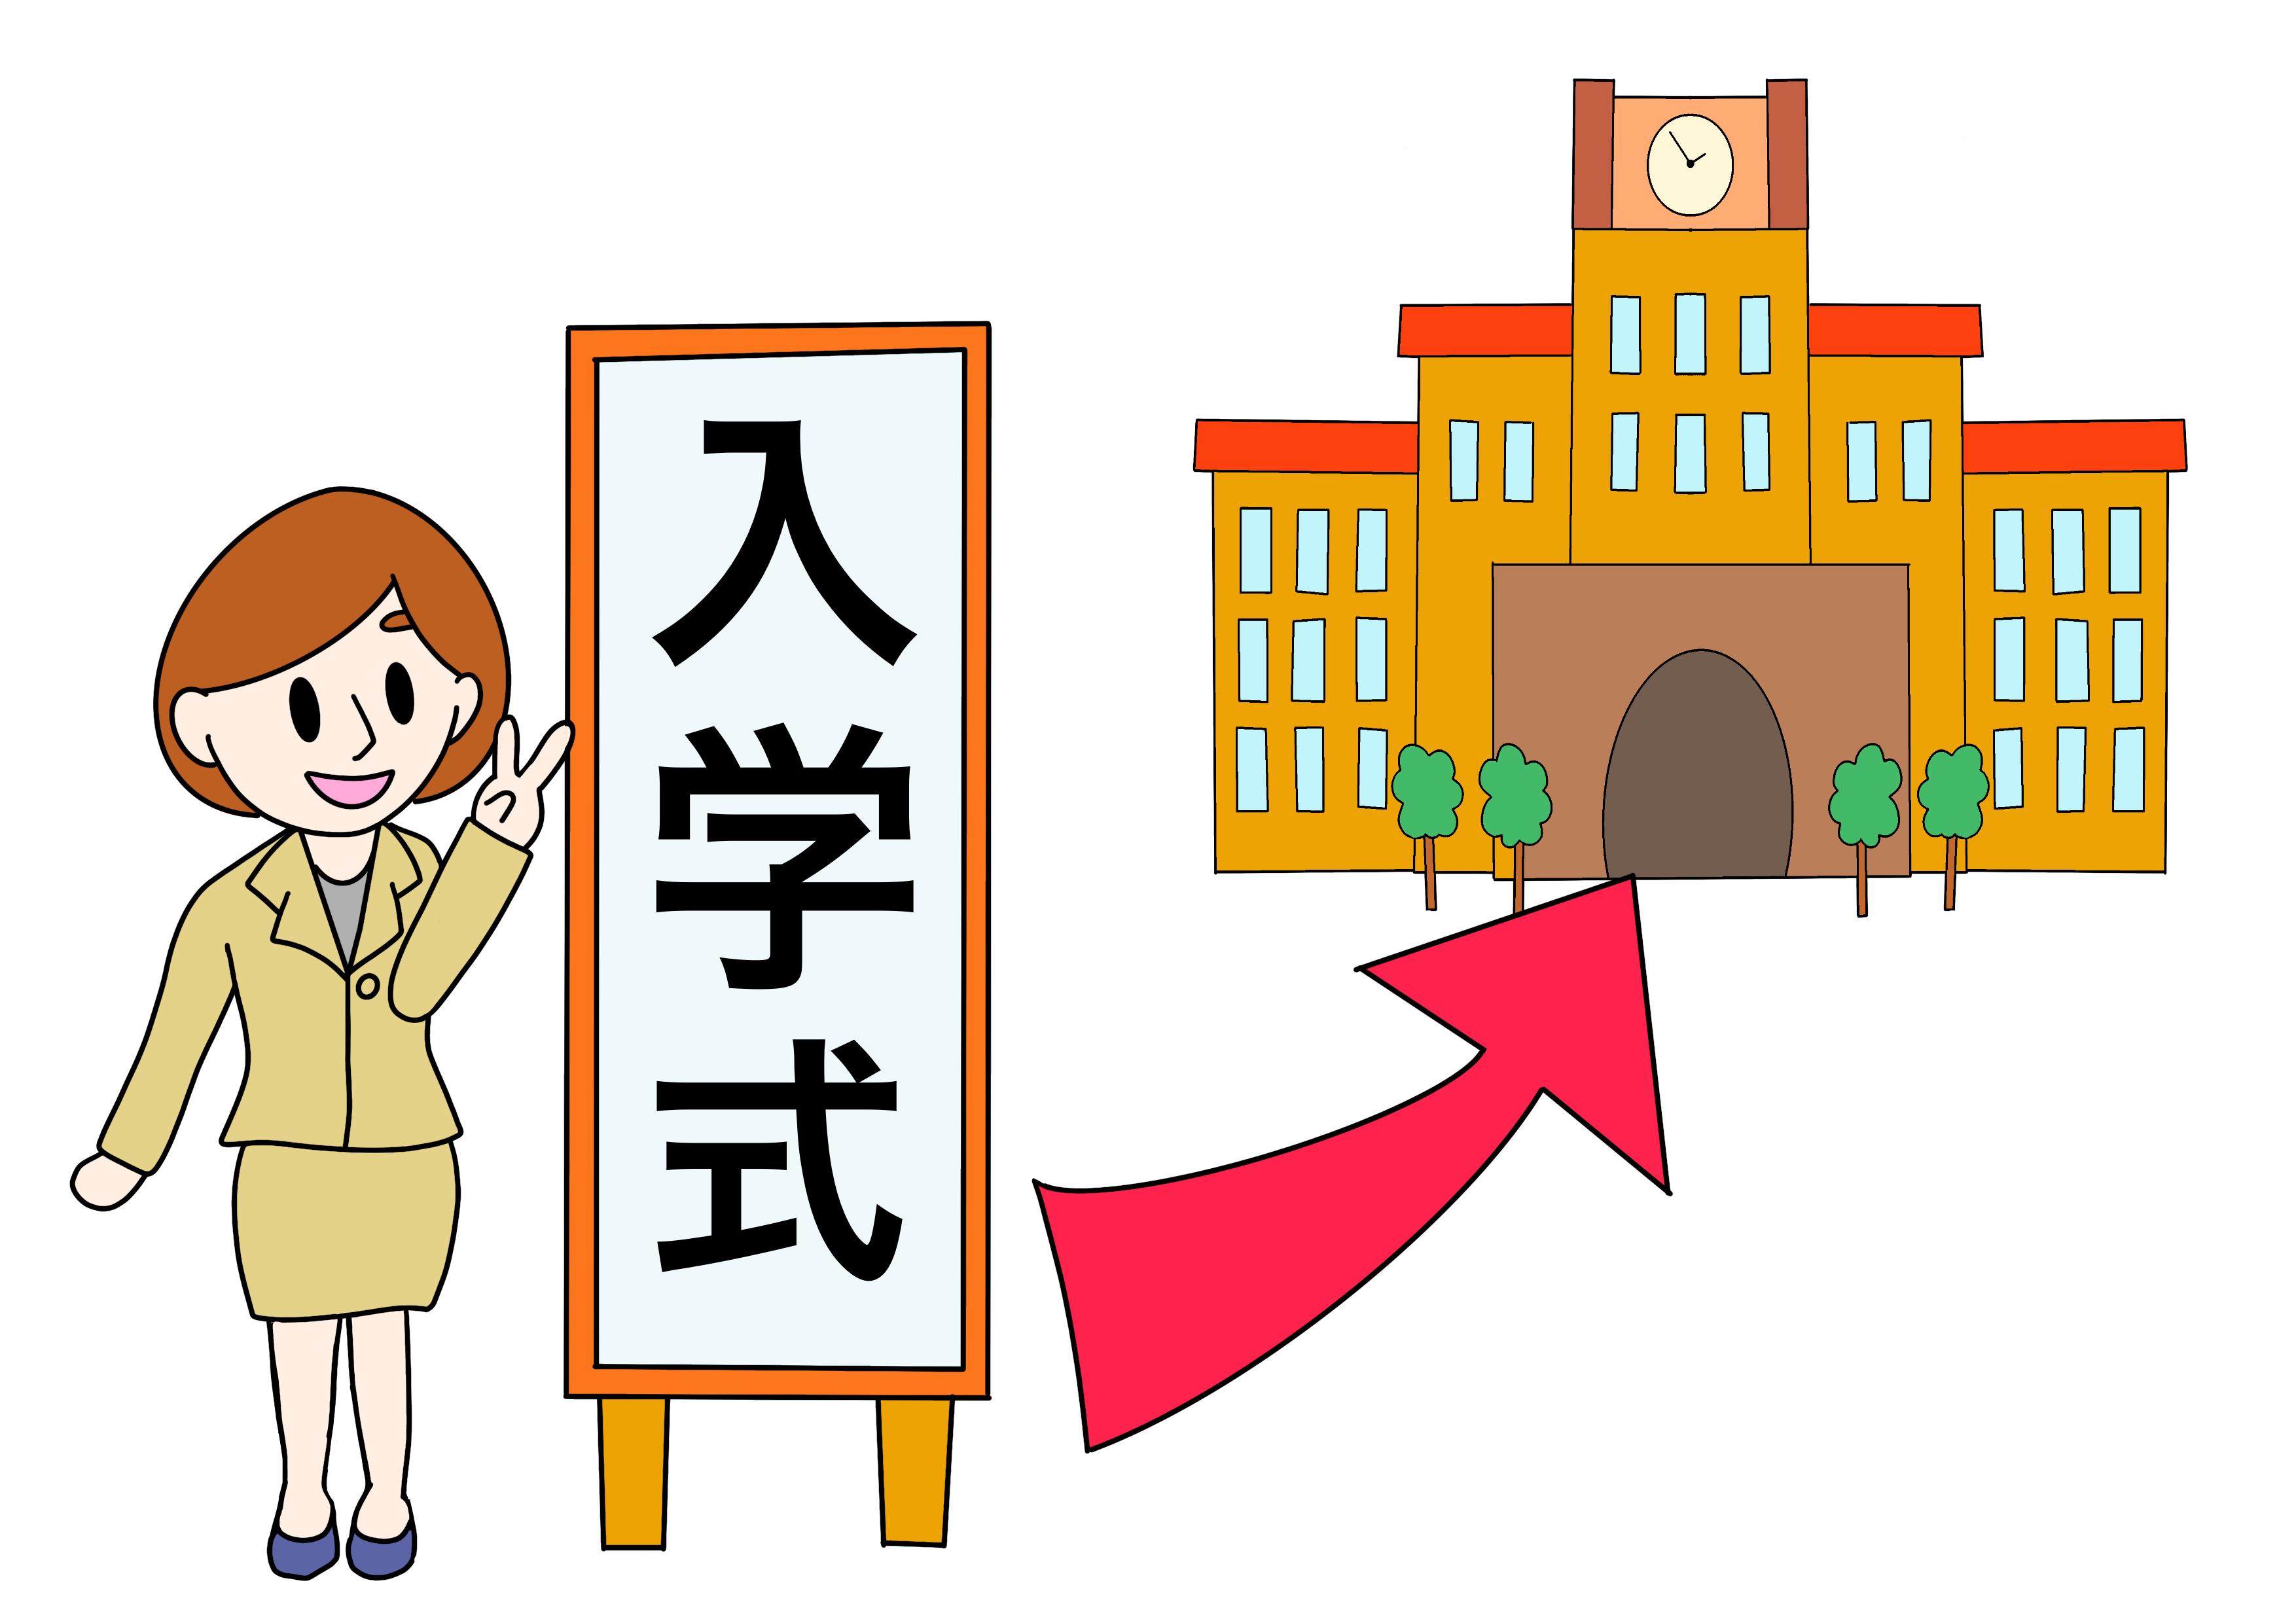 46課イラスト【入学する】